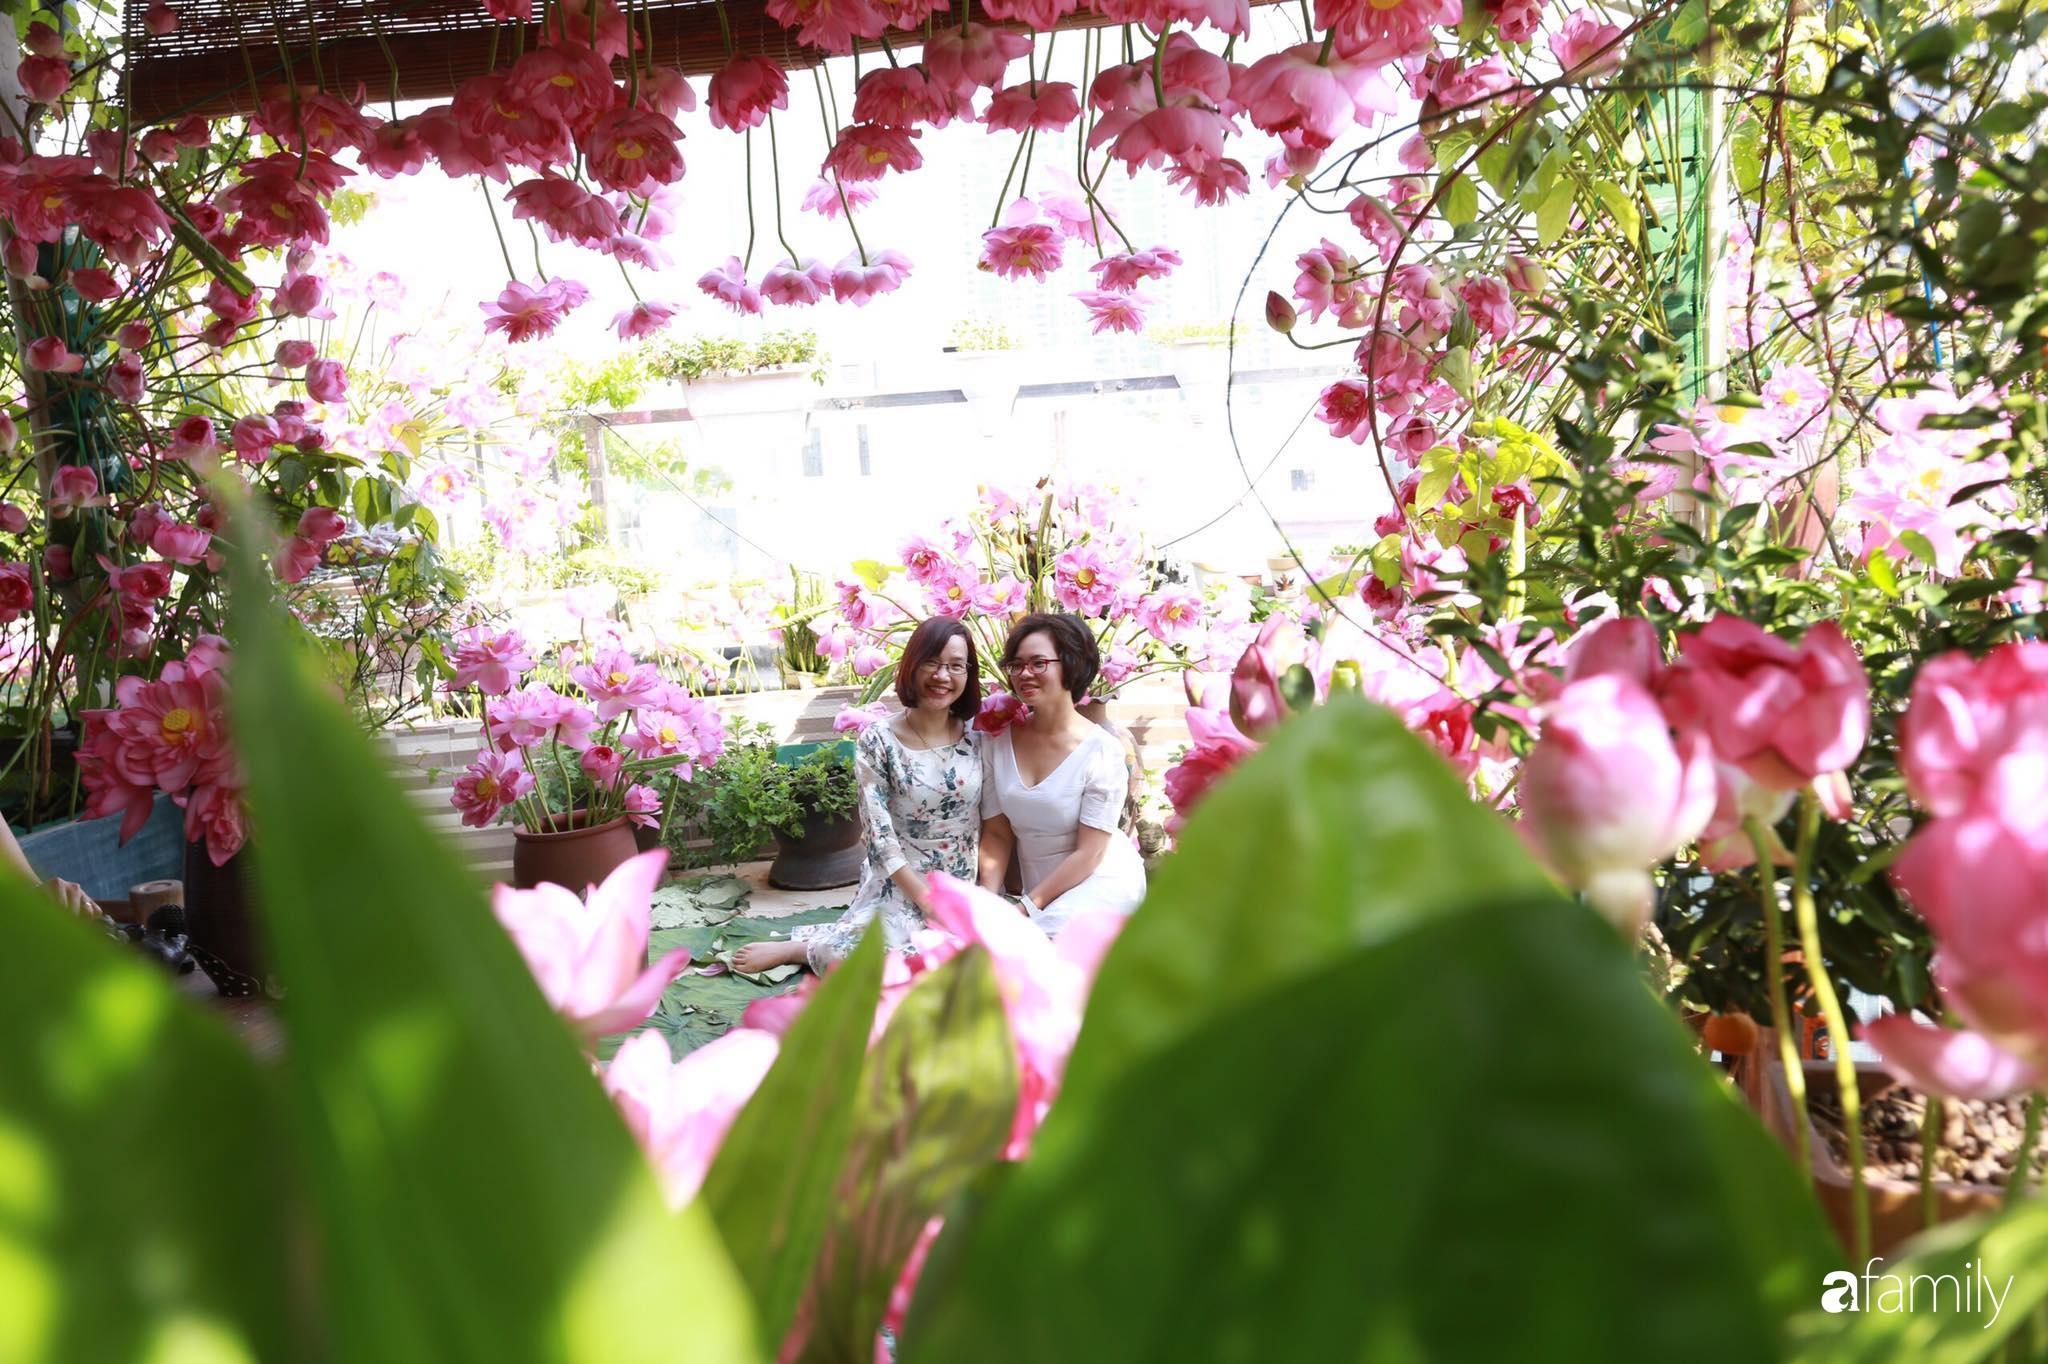 Bà mẹ Hà Nội tỉ mẩn dành 4 tiếng để tự cắm 1000 bông sen mang sắc màu mùa hạ lên sân thượng 200m² - Ảnh 14.